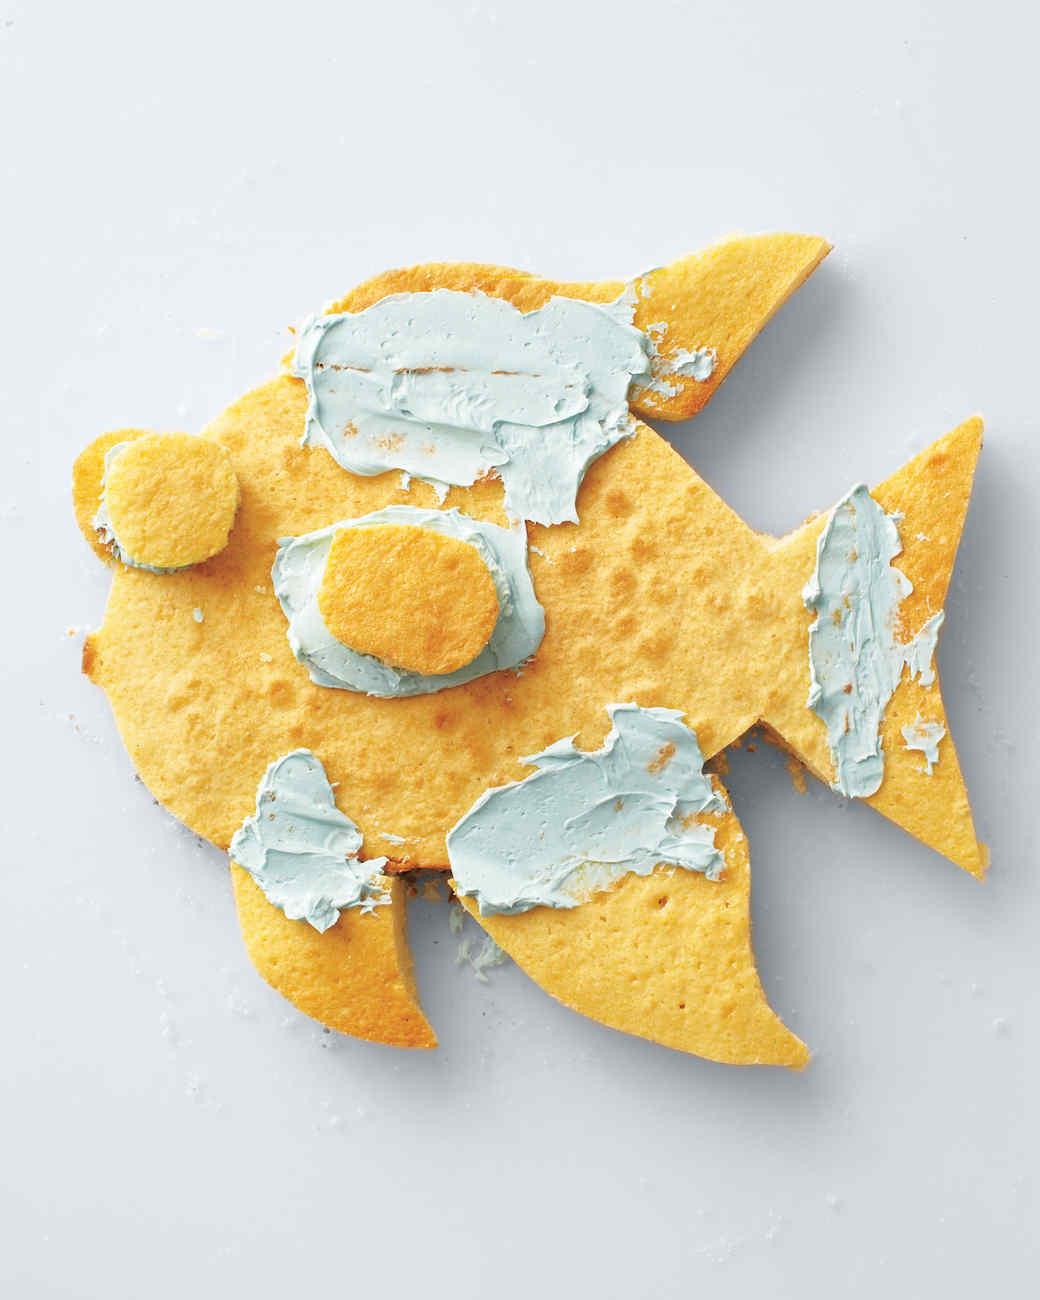 sheet-cake-fish-3-mld108427.jpg